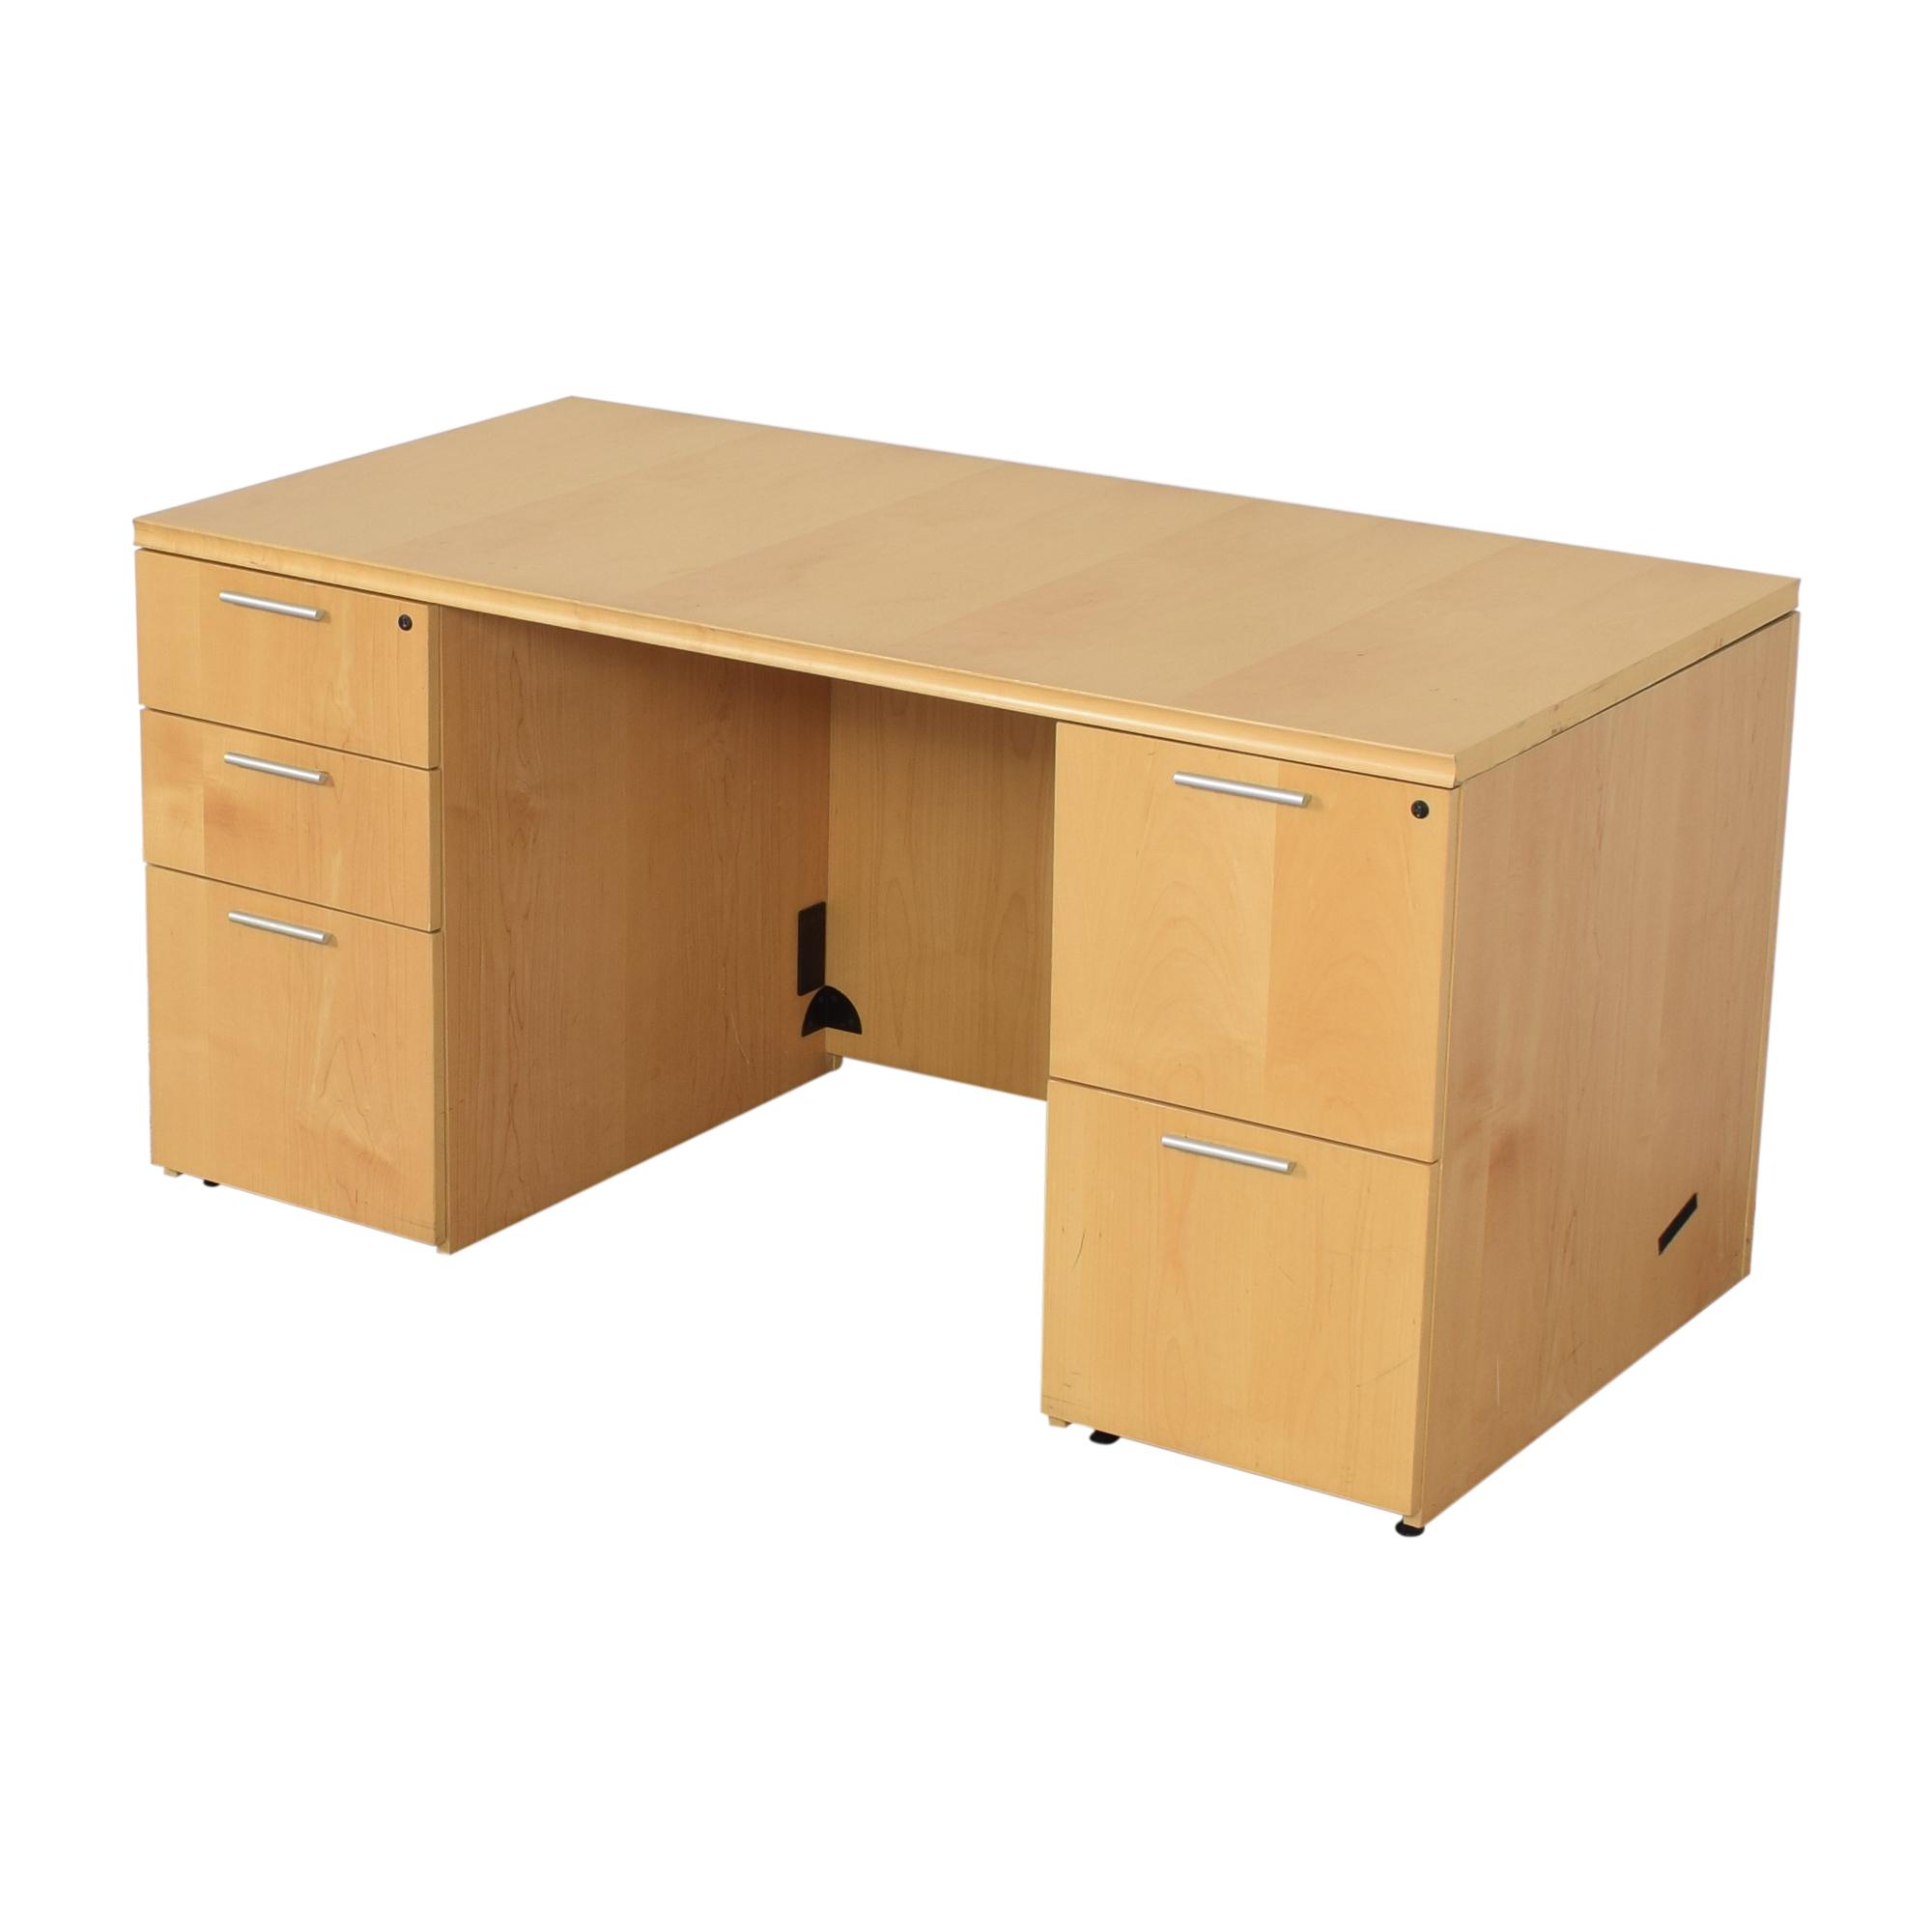 Krug Pedastal Desk / Tables